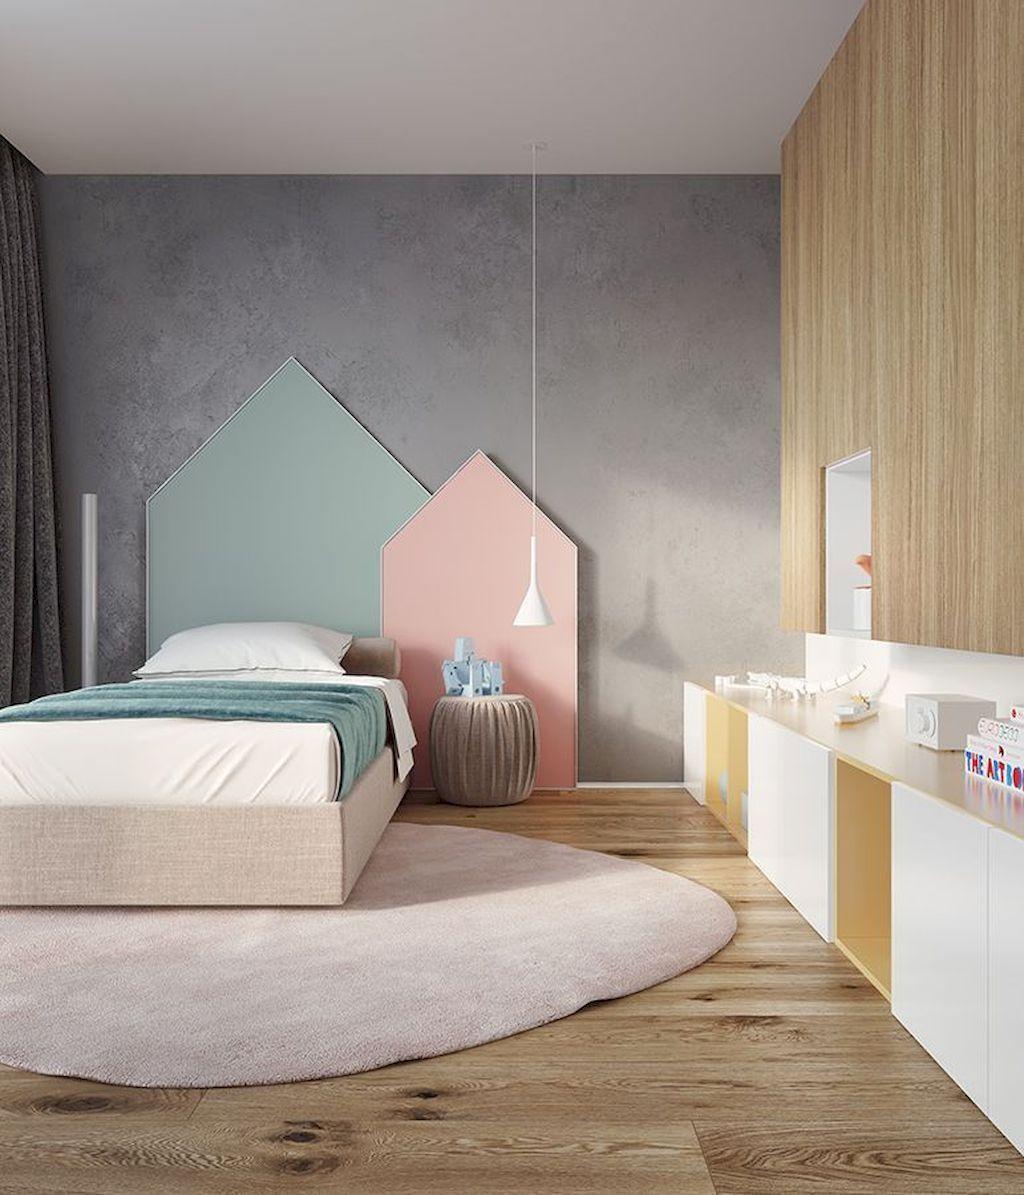 Attractive Tips Choosing Furniture Bedroom Kids Kids Bedroom Designs Cozy Bedroom Design Kid Room Decor Choosing kids bedroom furniture